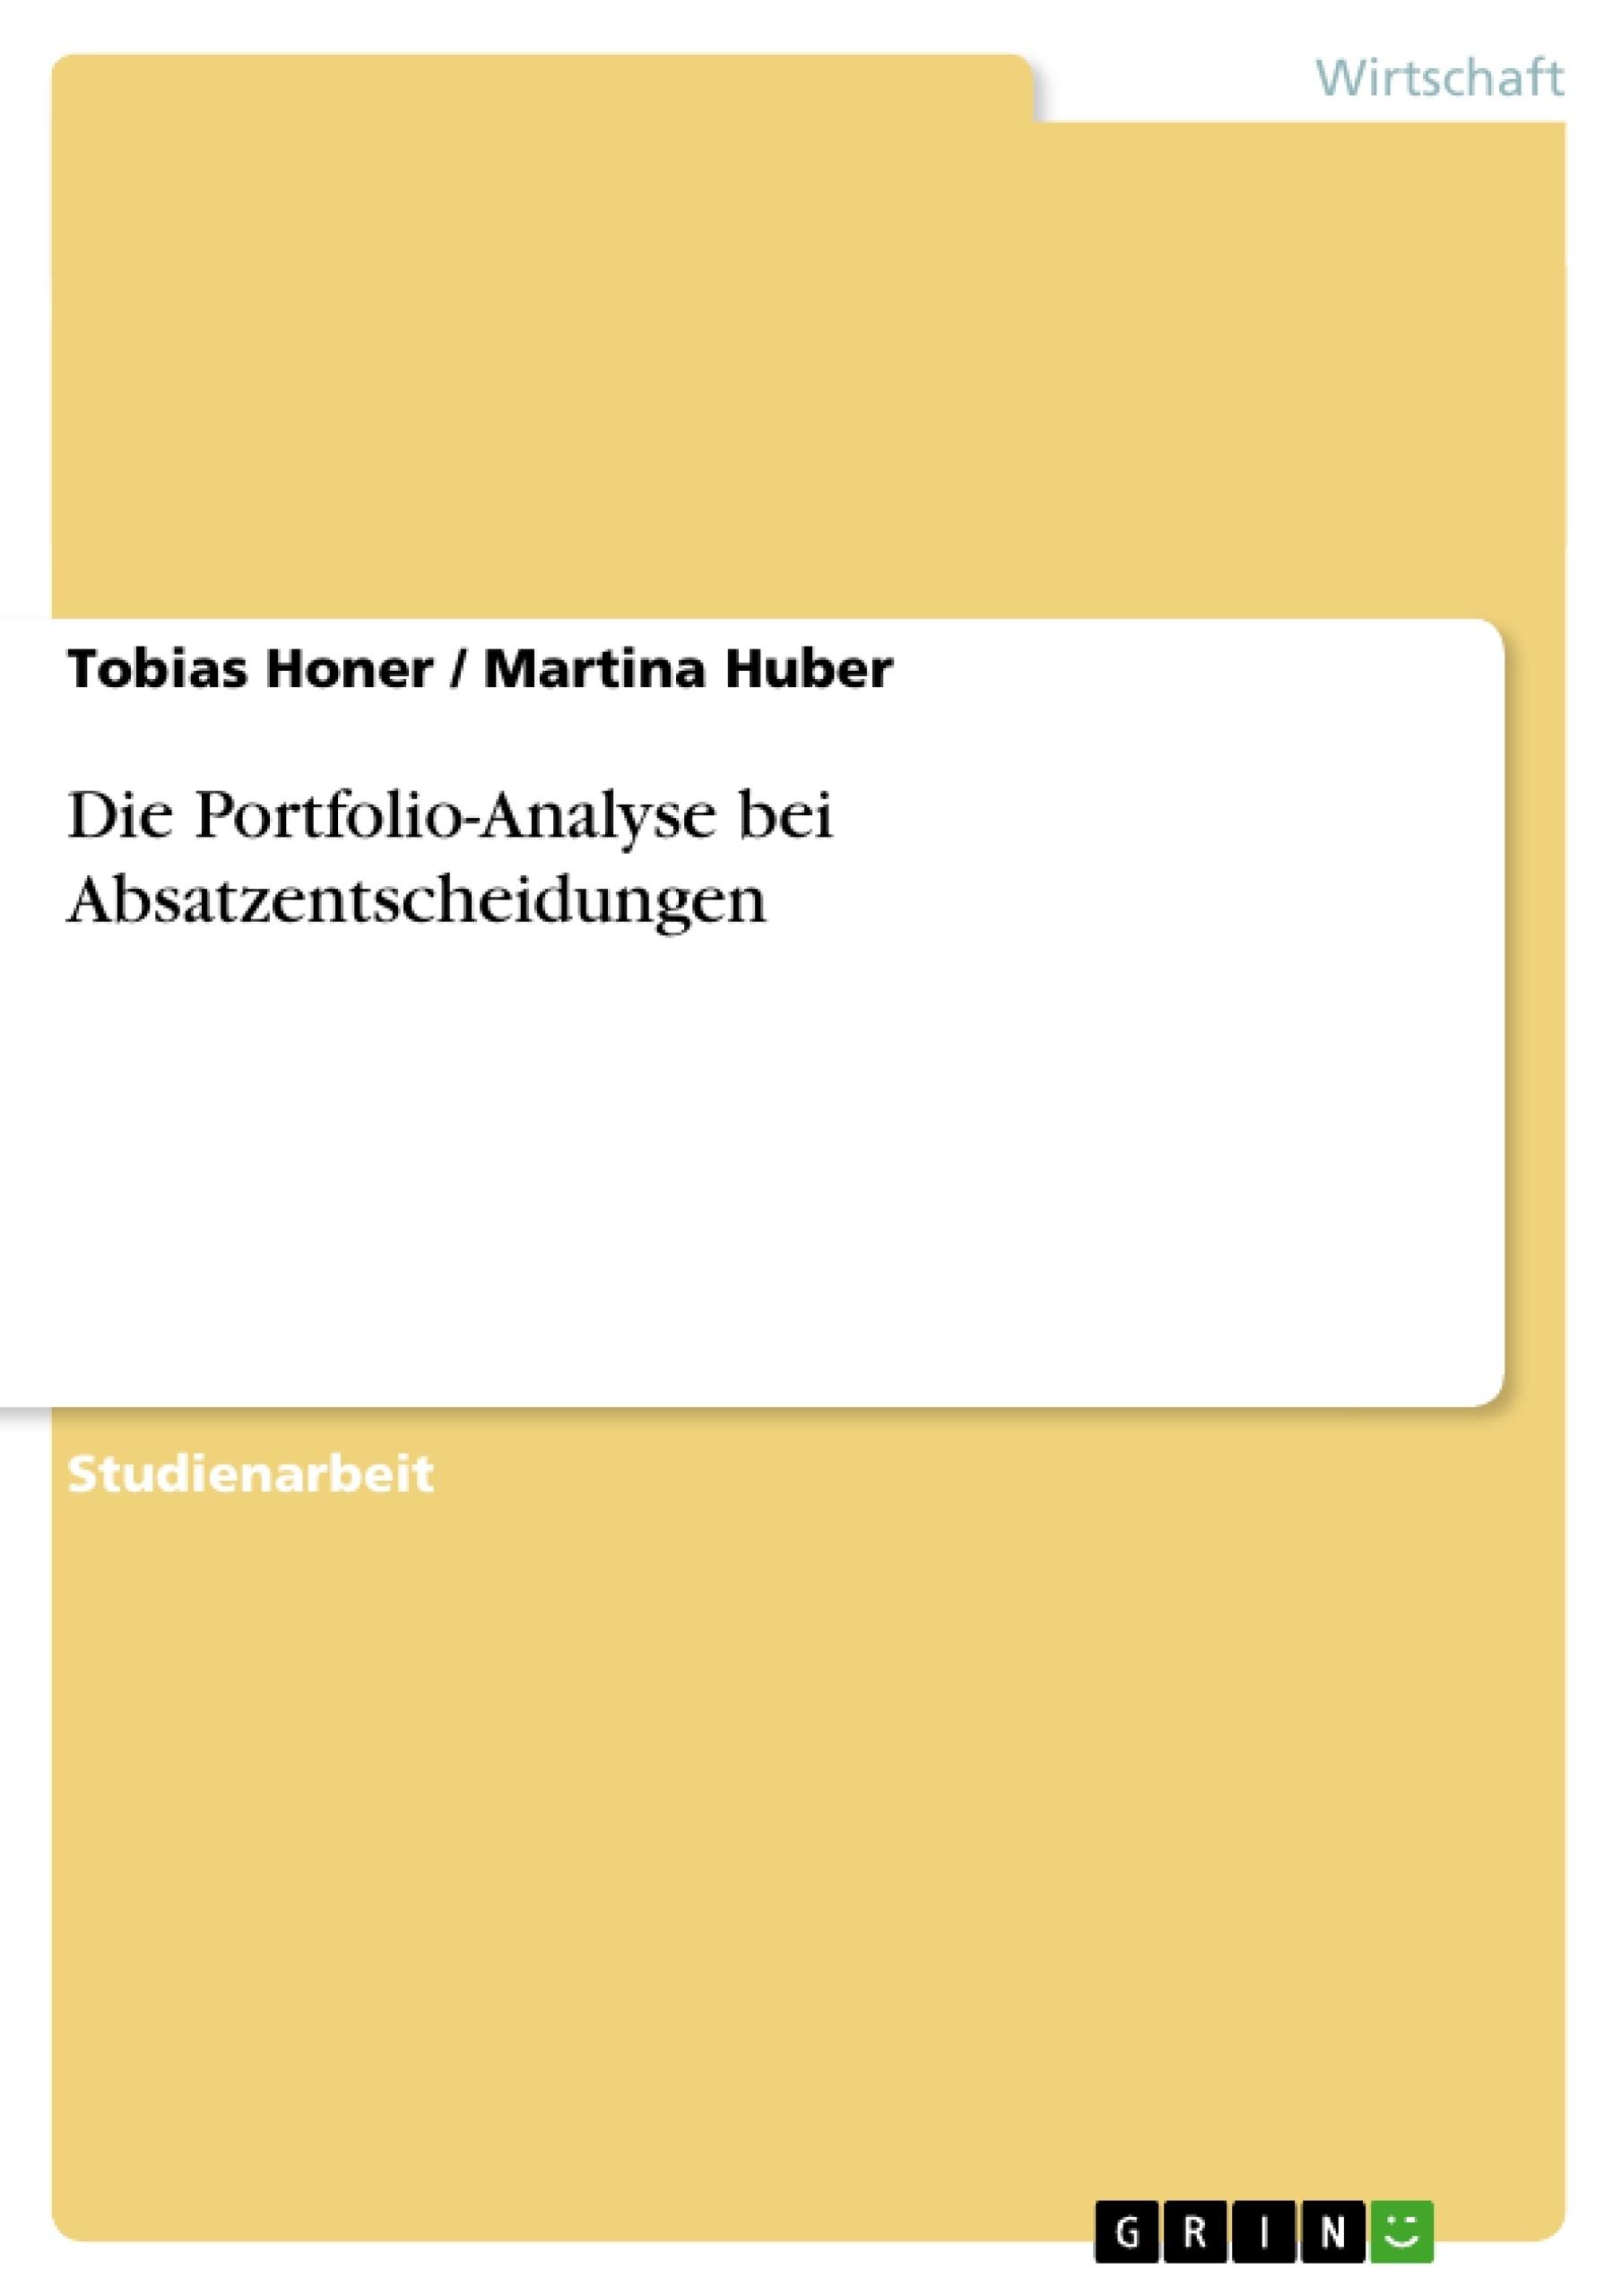 Titel: Die Portfolio-Analyse bei Absatzentscheidungen